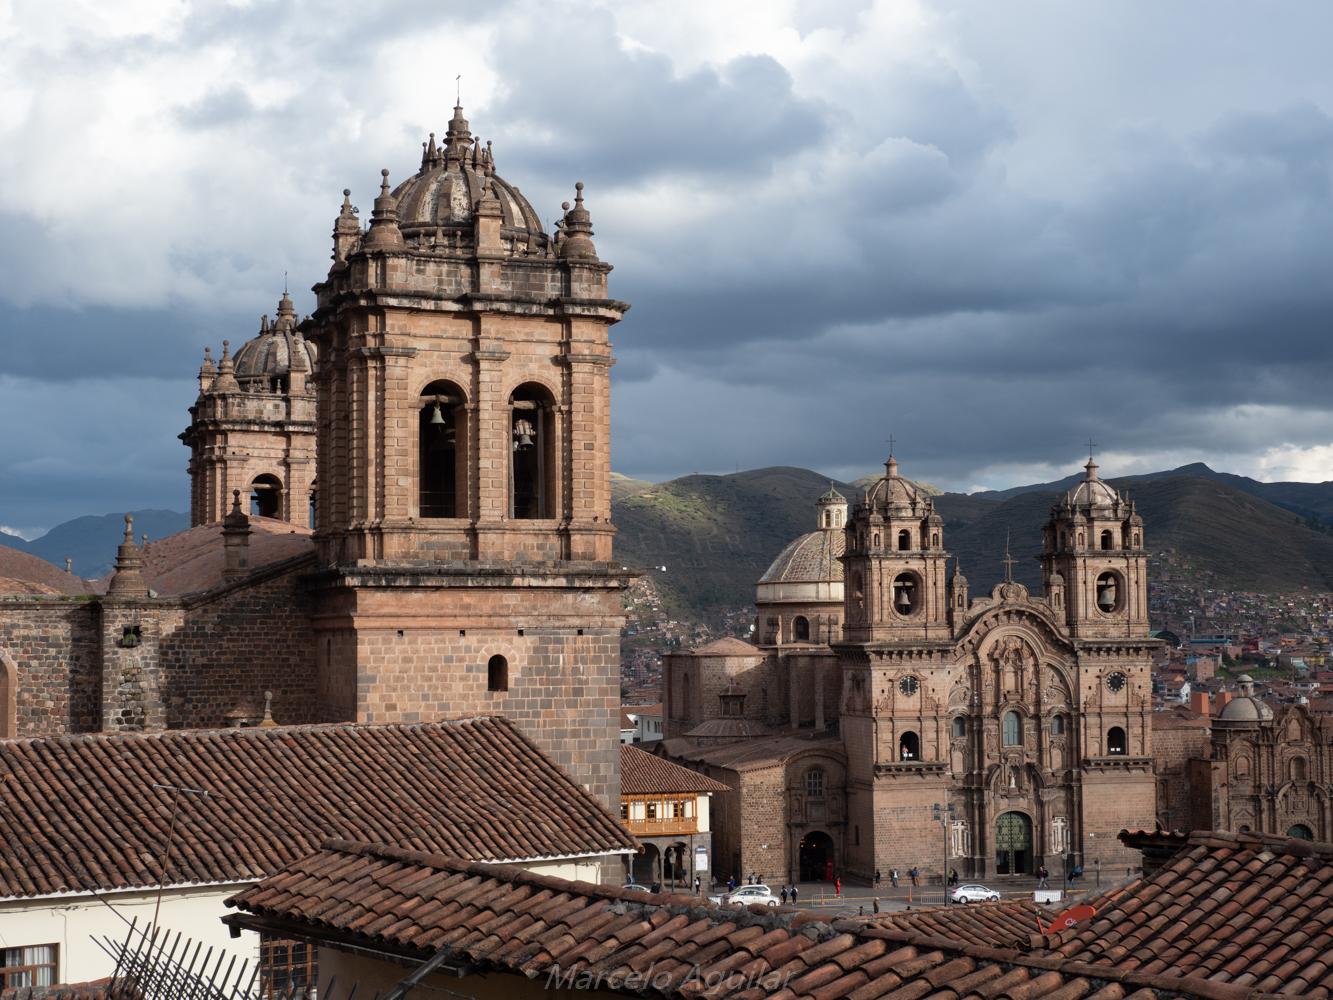 Catedral and Loreto church of Cusco, Peru